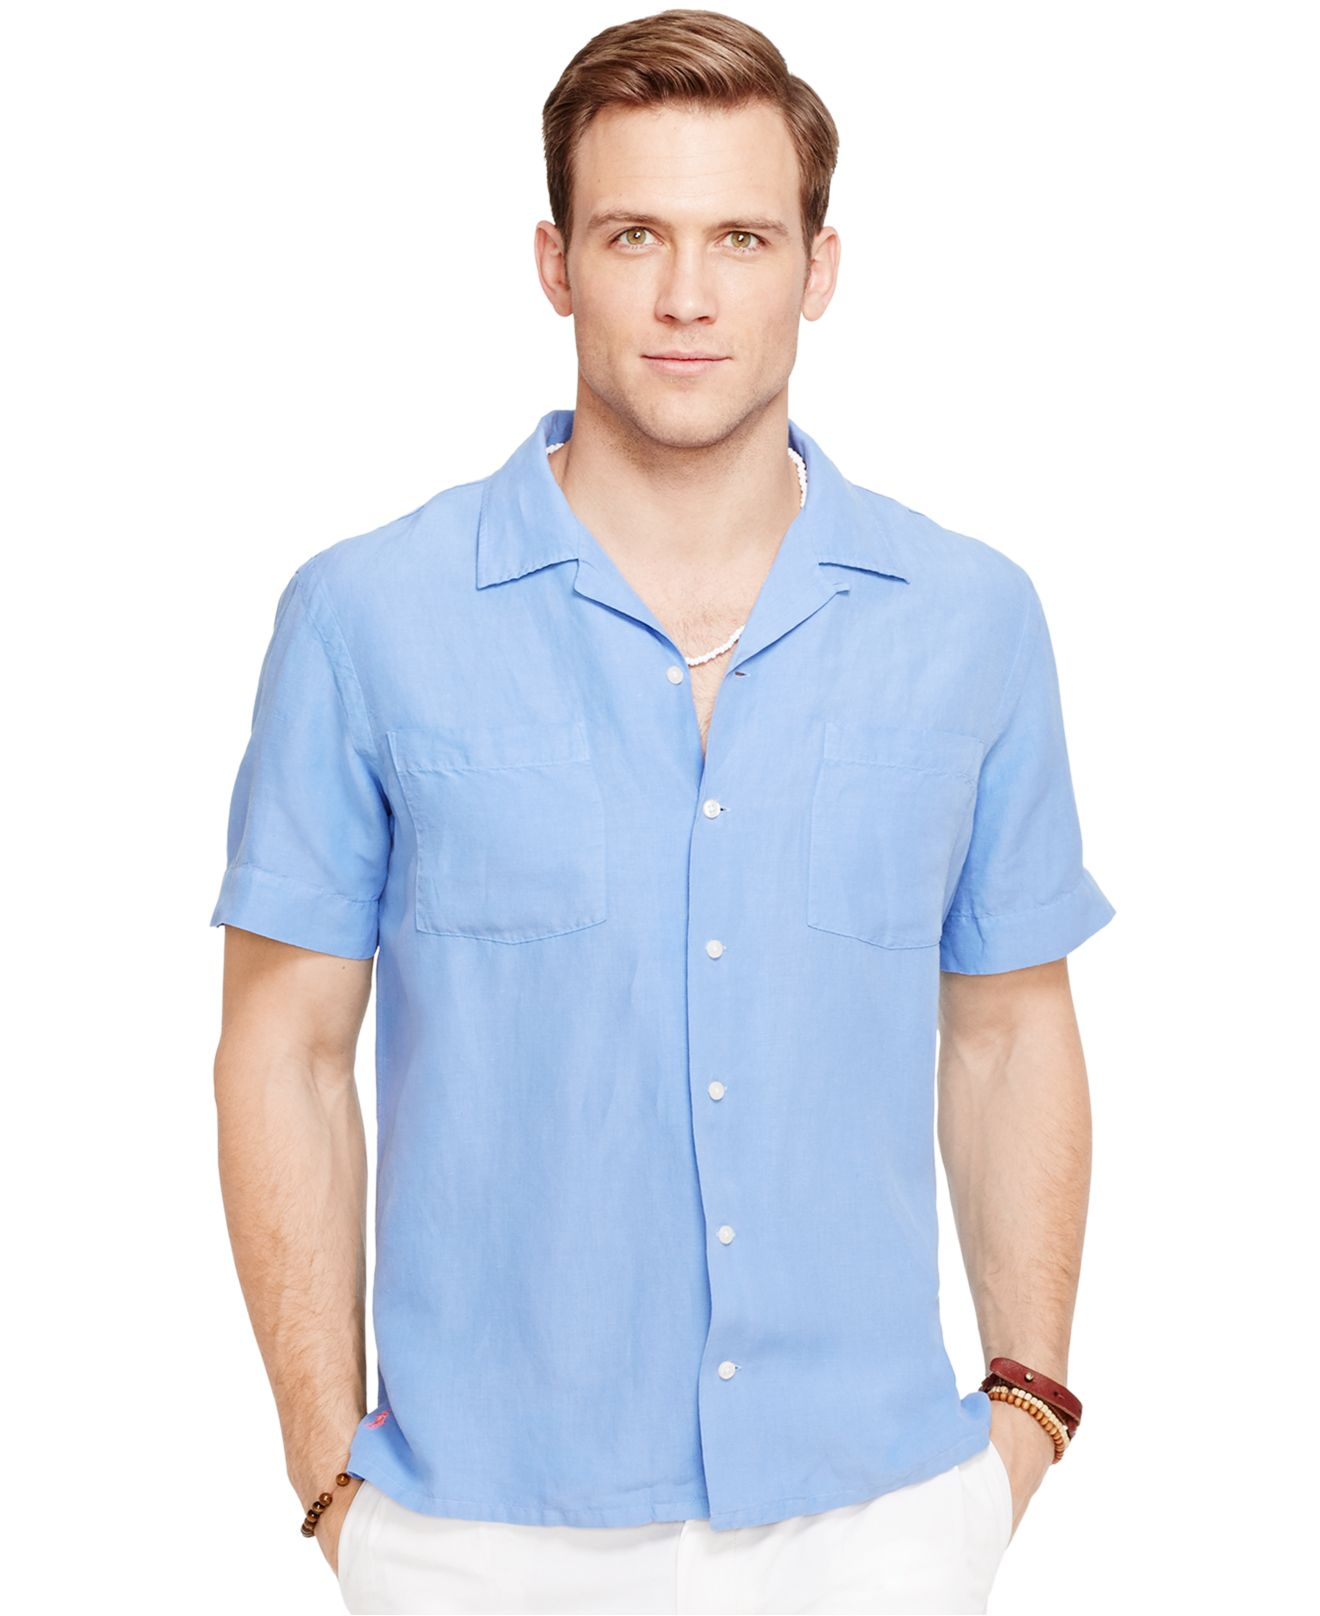 645db204a4ce1 ... release date lyst polo ralph lauren linen silk camp shirt in blue for  men c33a0 c6944